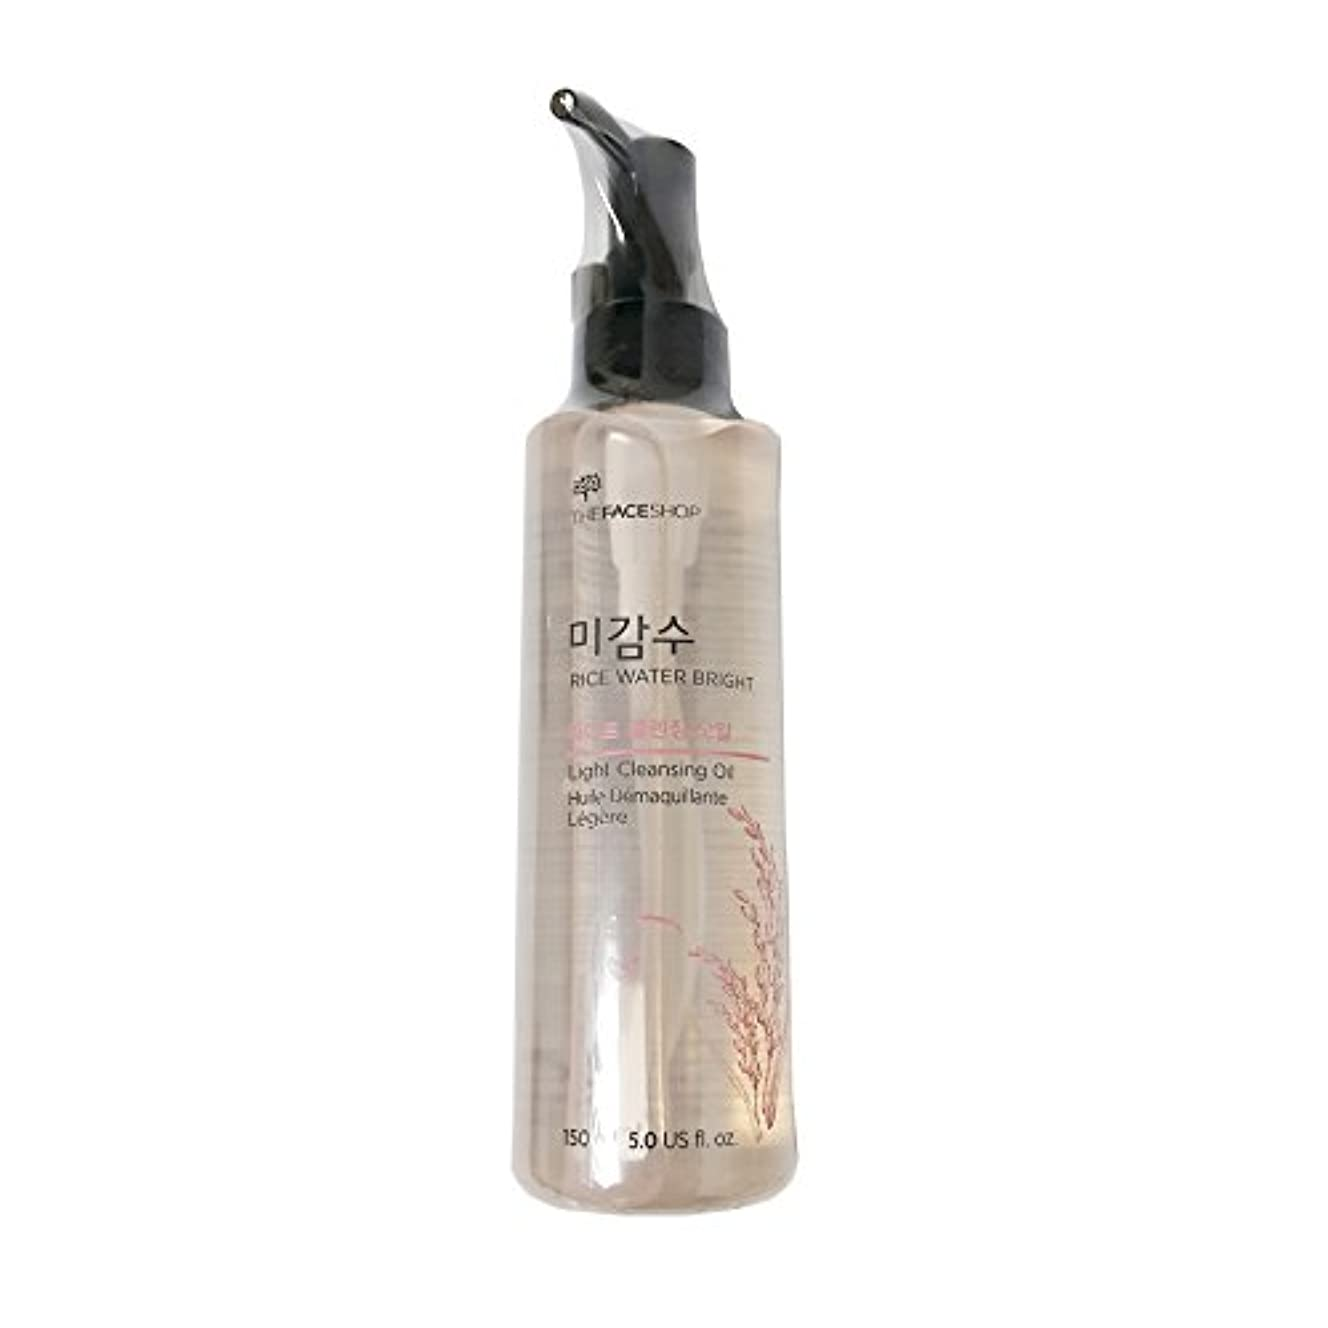 付録綺麗な納税者[ザ·フェイスショップ ]The Face Shop ライスウォーター ブライト クレンジングライトオイル(150ml) 2015.8月リニューアル製品  The Face Shop Rice Water Bright Light Cleansing Oil(150ml) 2015.August Renewal Product [海外直送品]